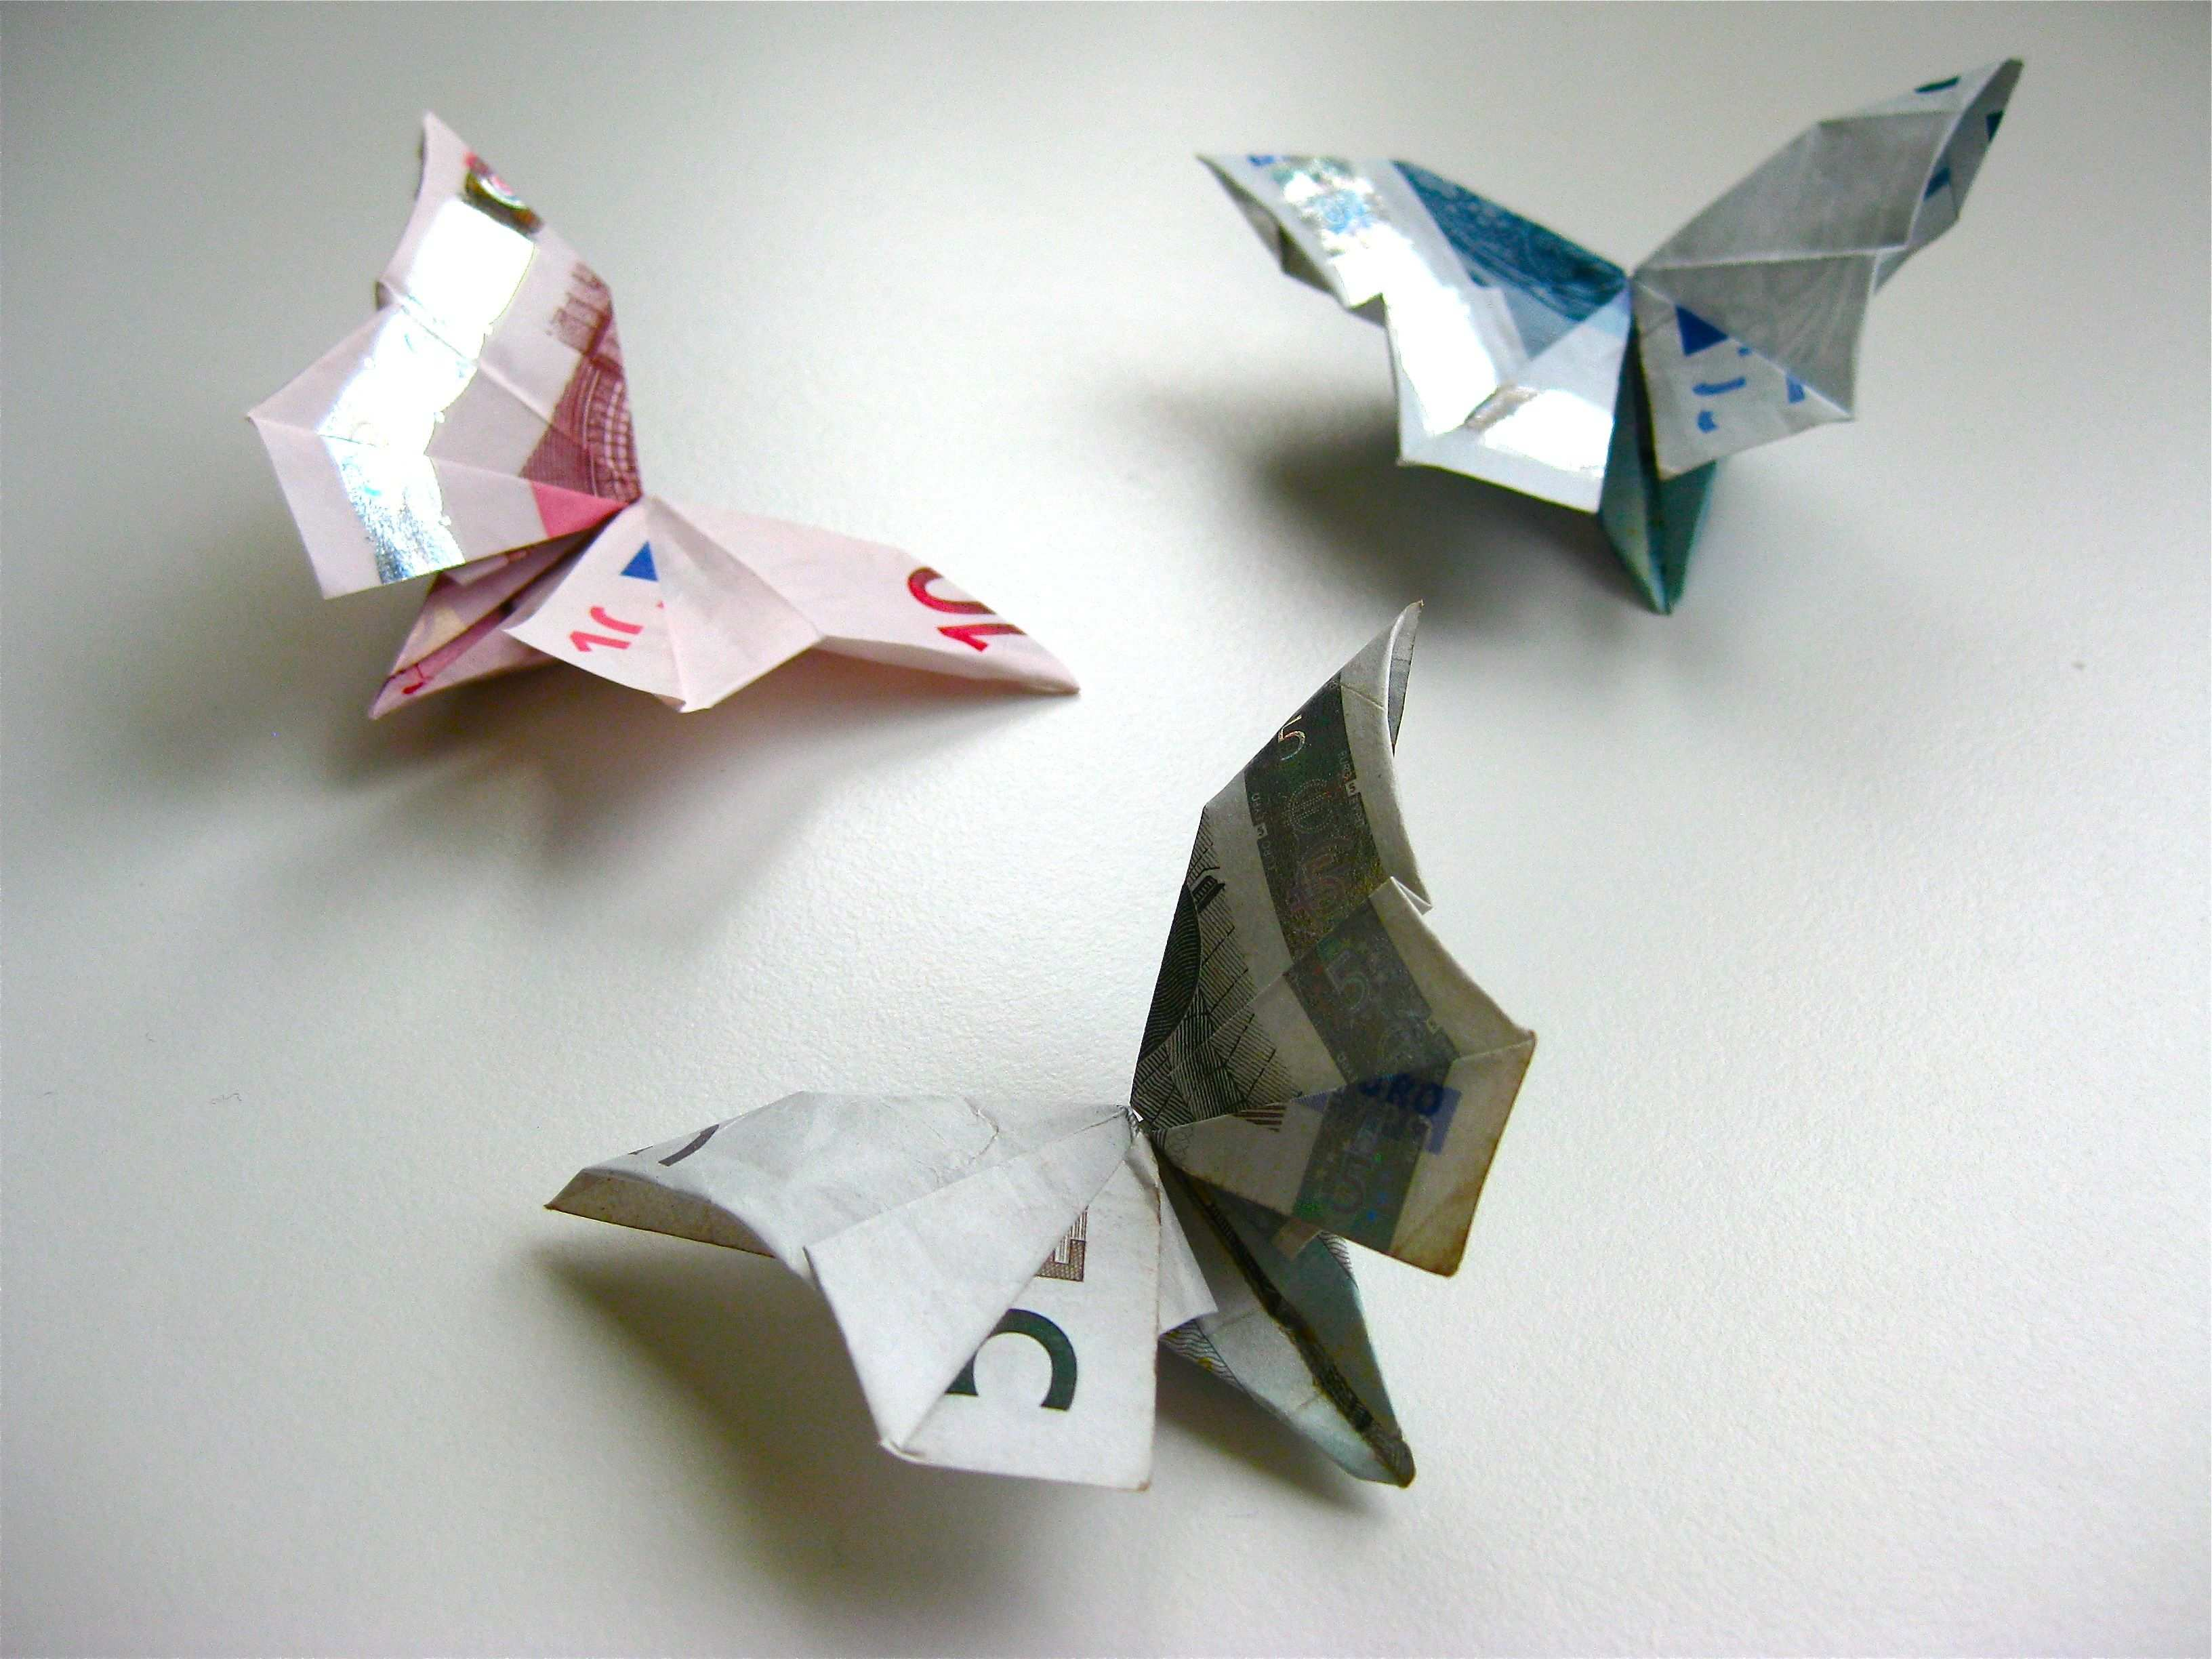 Origami Geldschein Schmetterling Video Anleitung Handmade Kultur Geldschein Schmetterling Geldschein Origami Origami Schmetterling